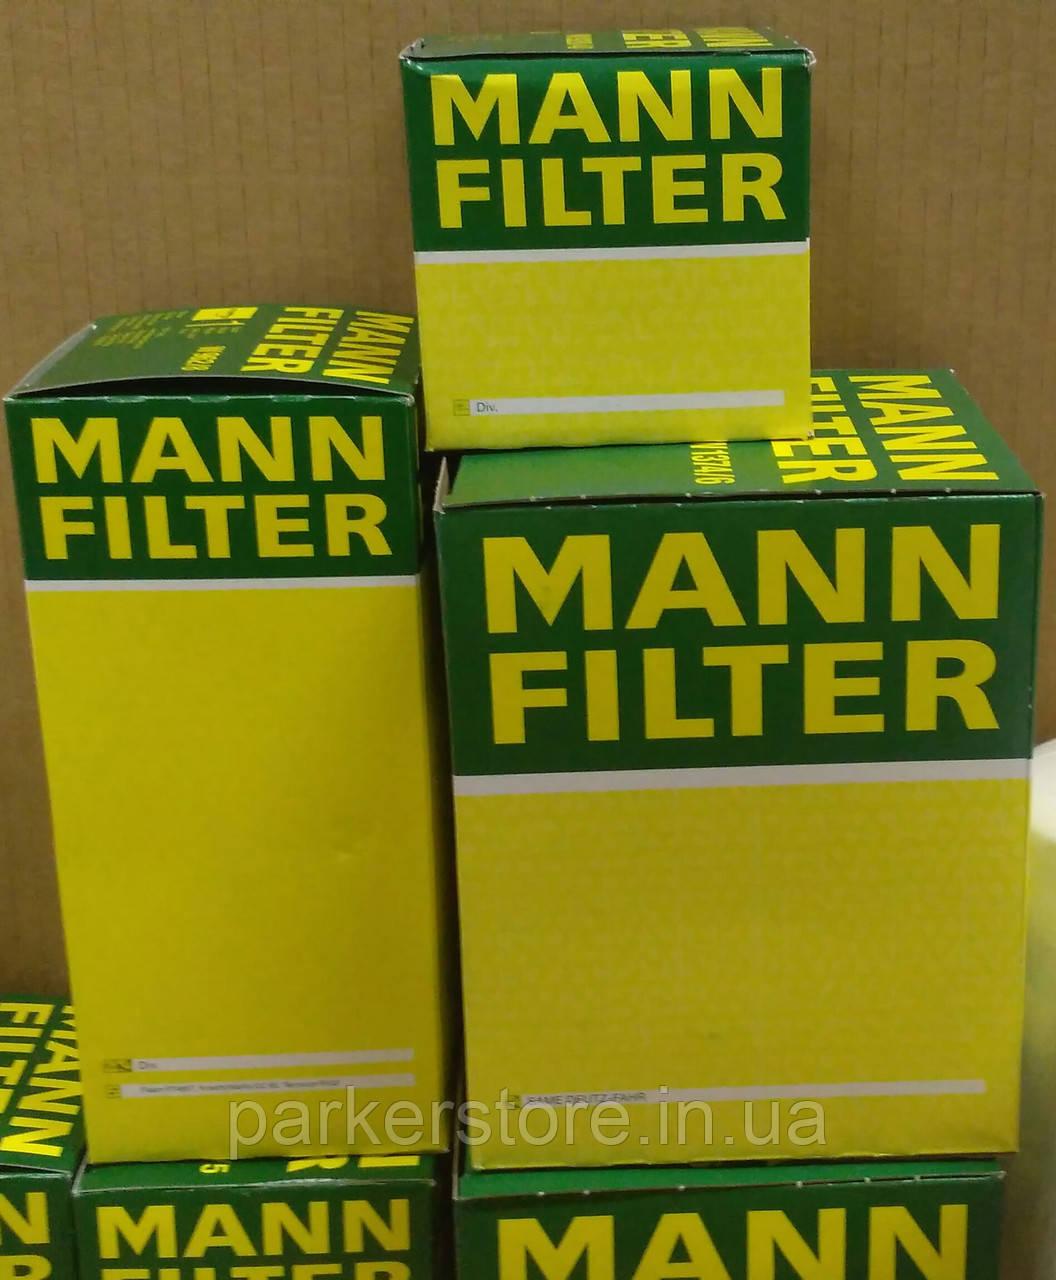 MANN FILTER / Повітряний фільтр / C 2742 / C2742